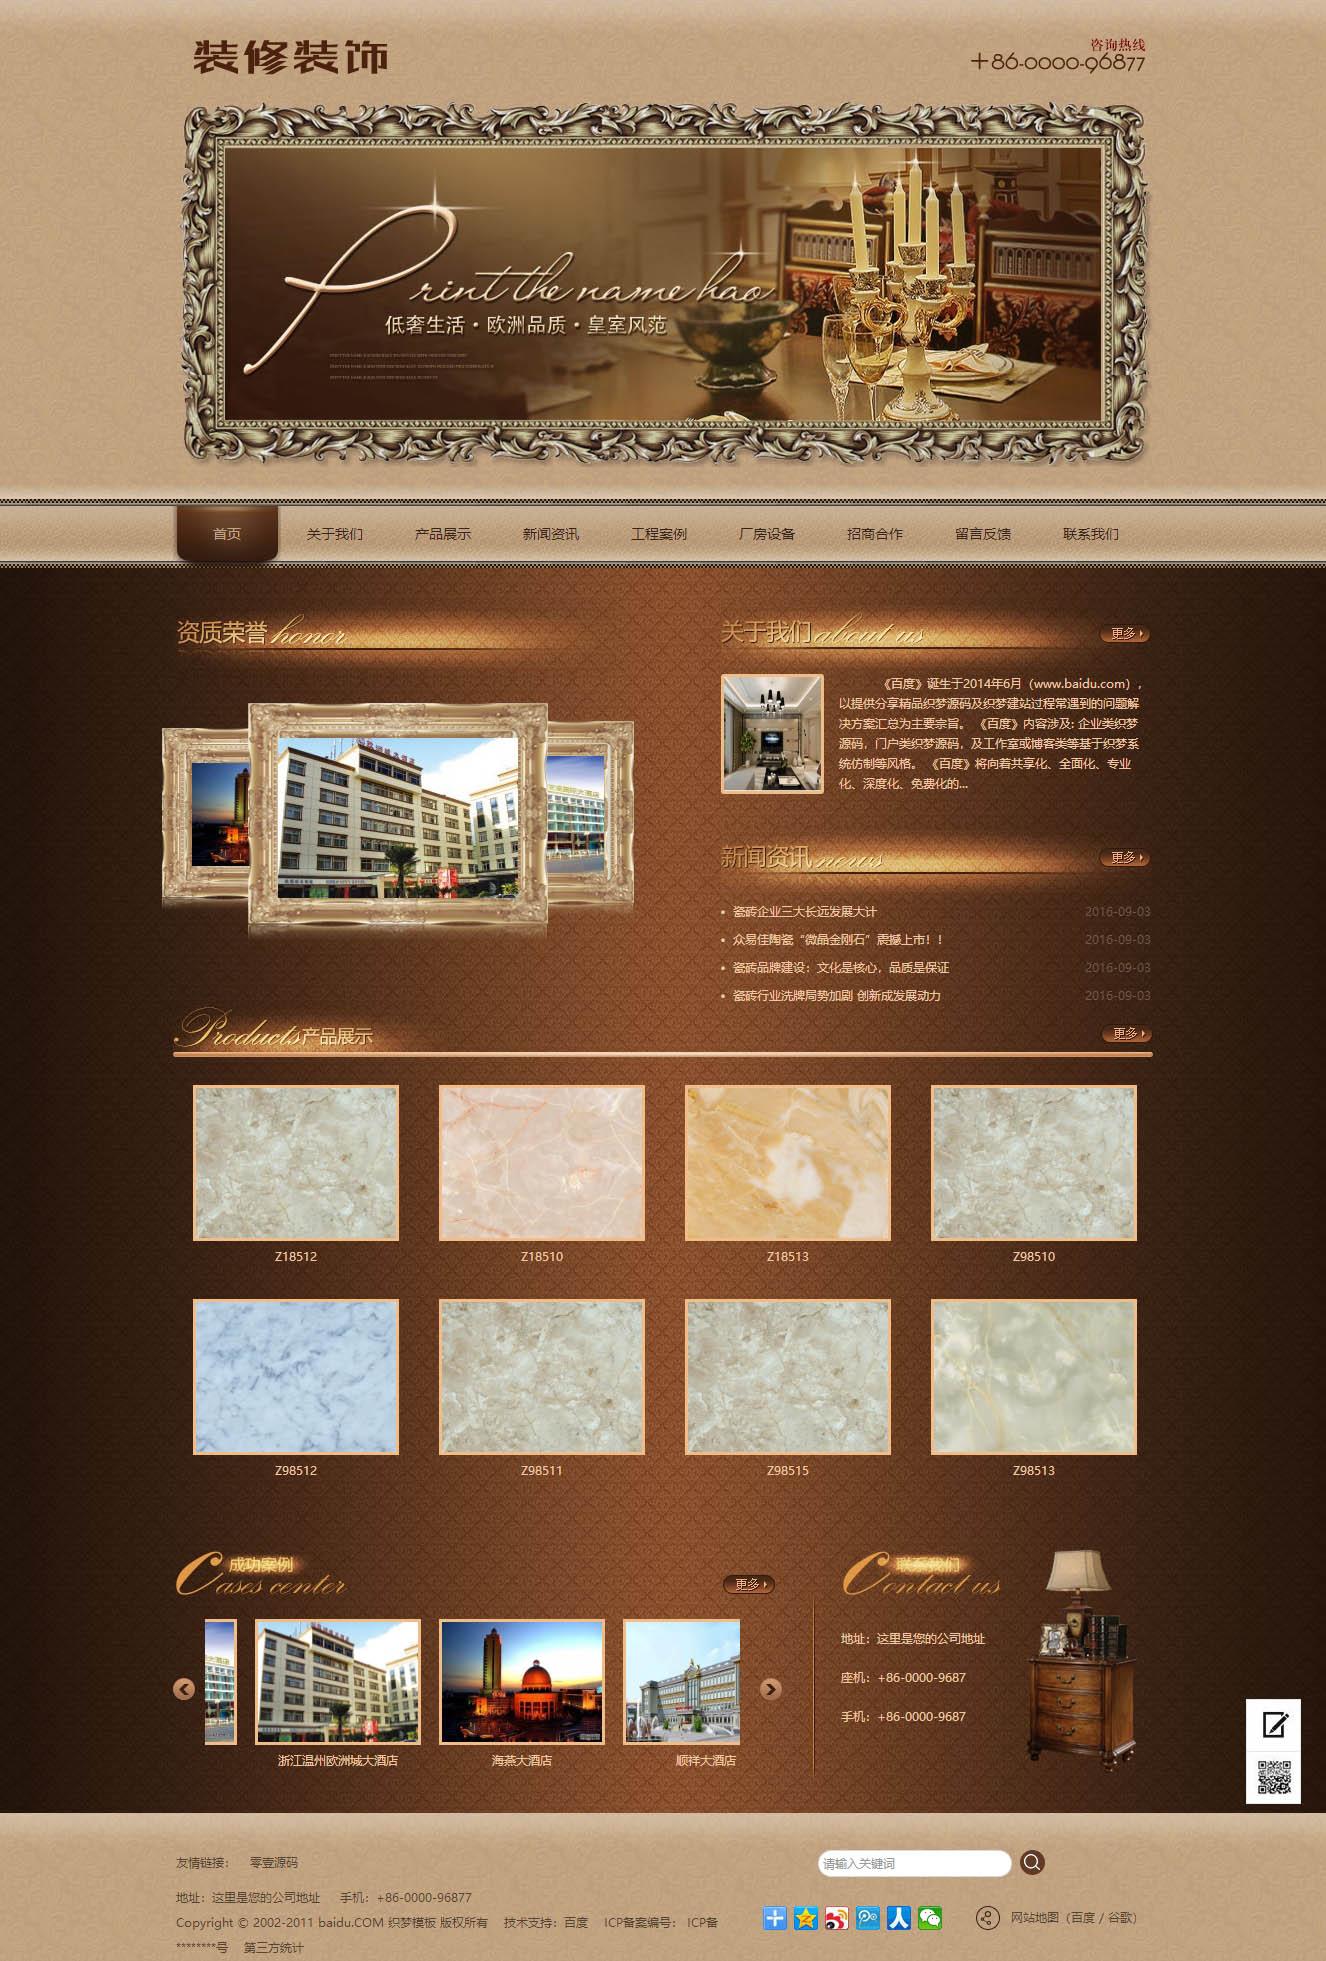 古典复古风格装修装饰类网站织梦dedecms模板(带手机移动端)